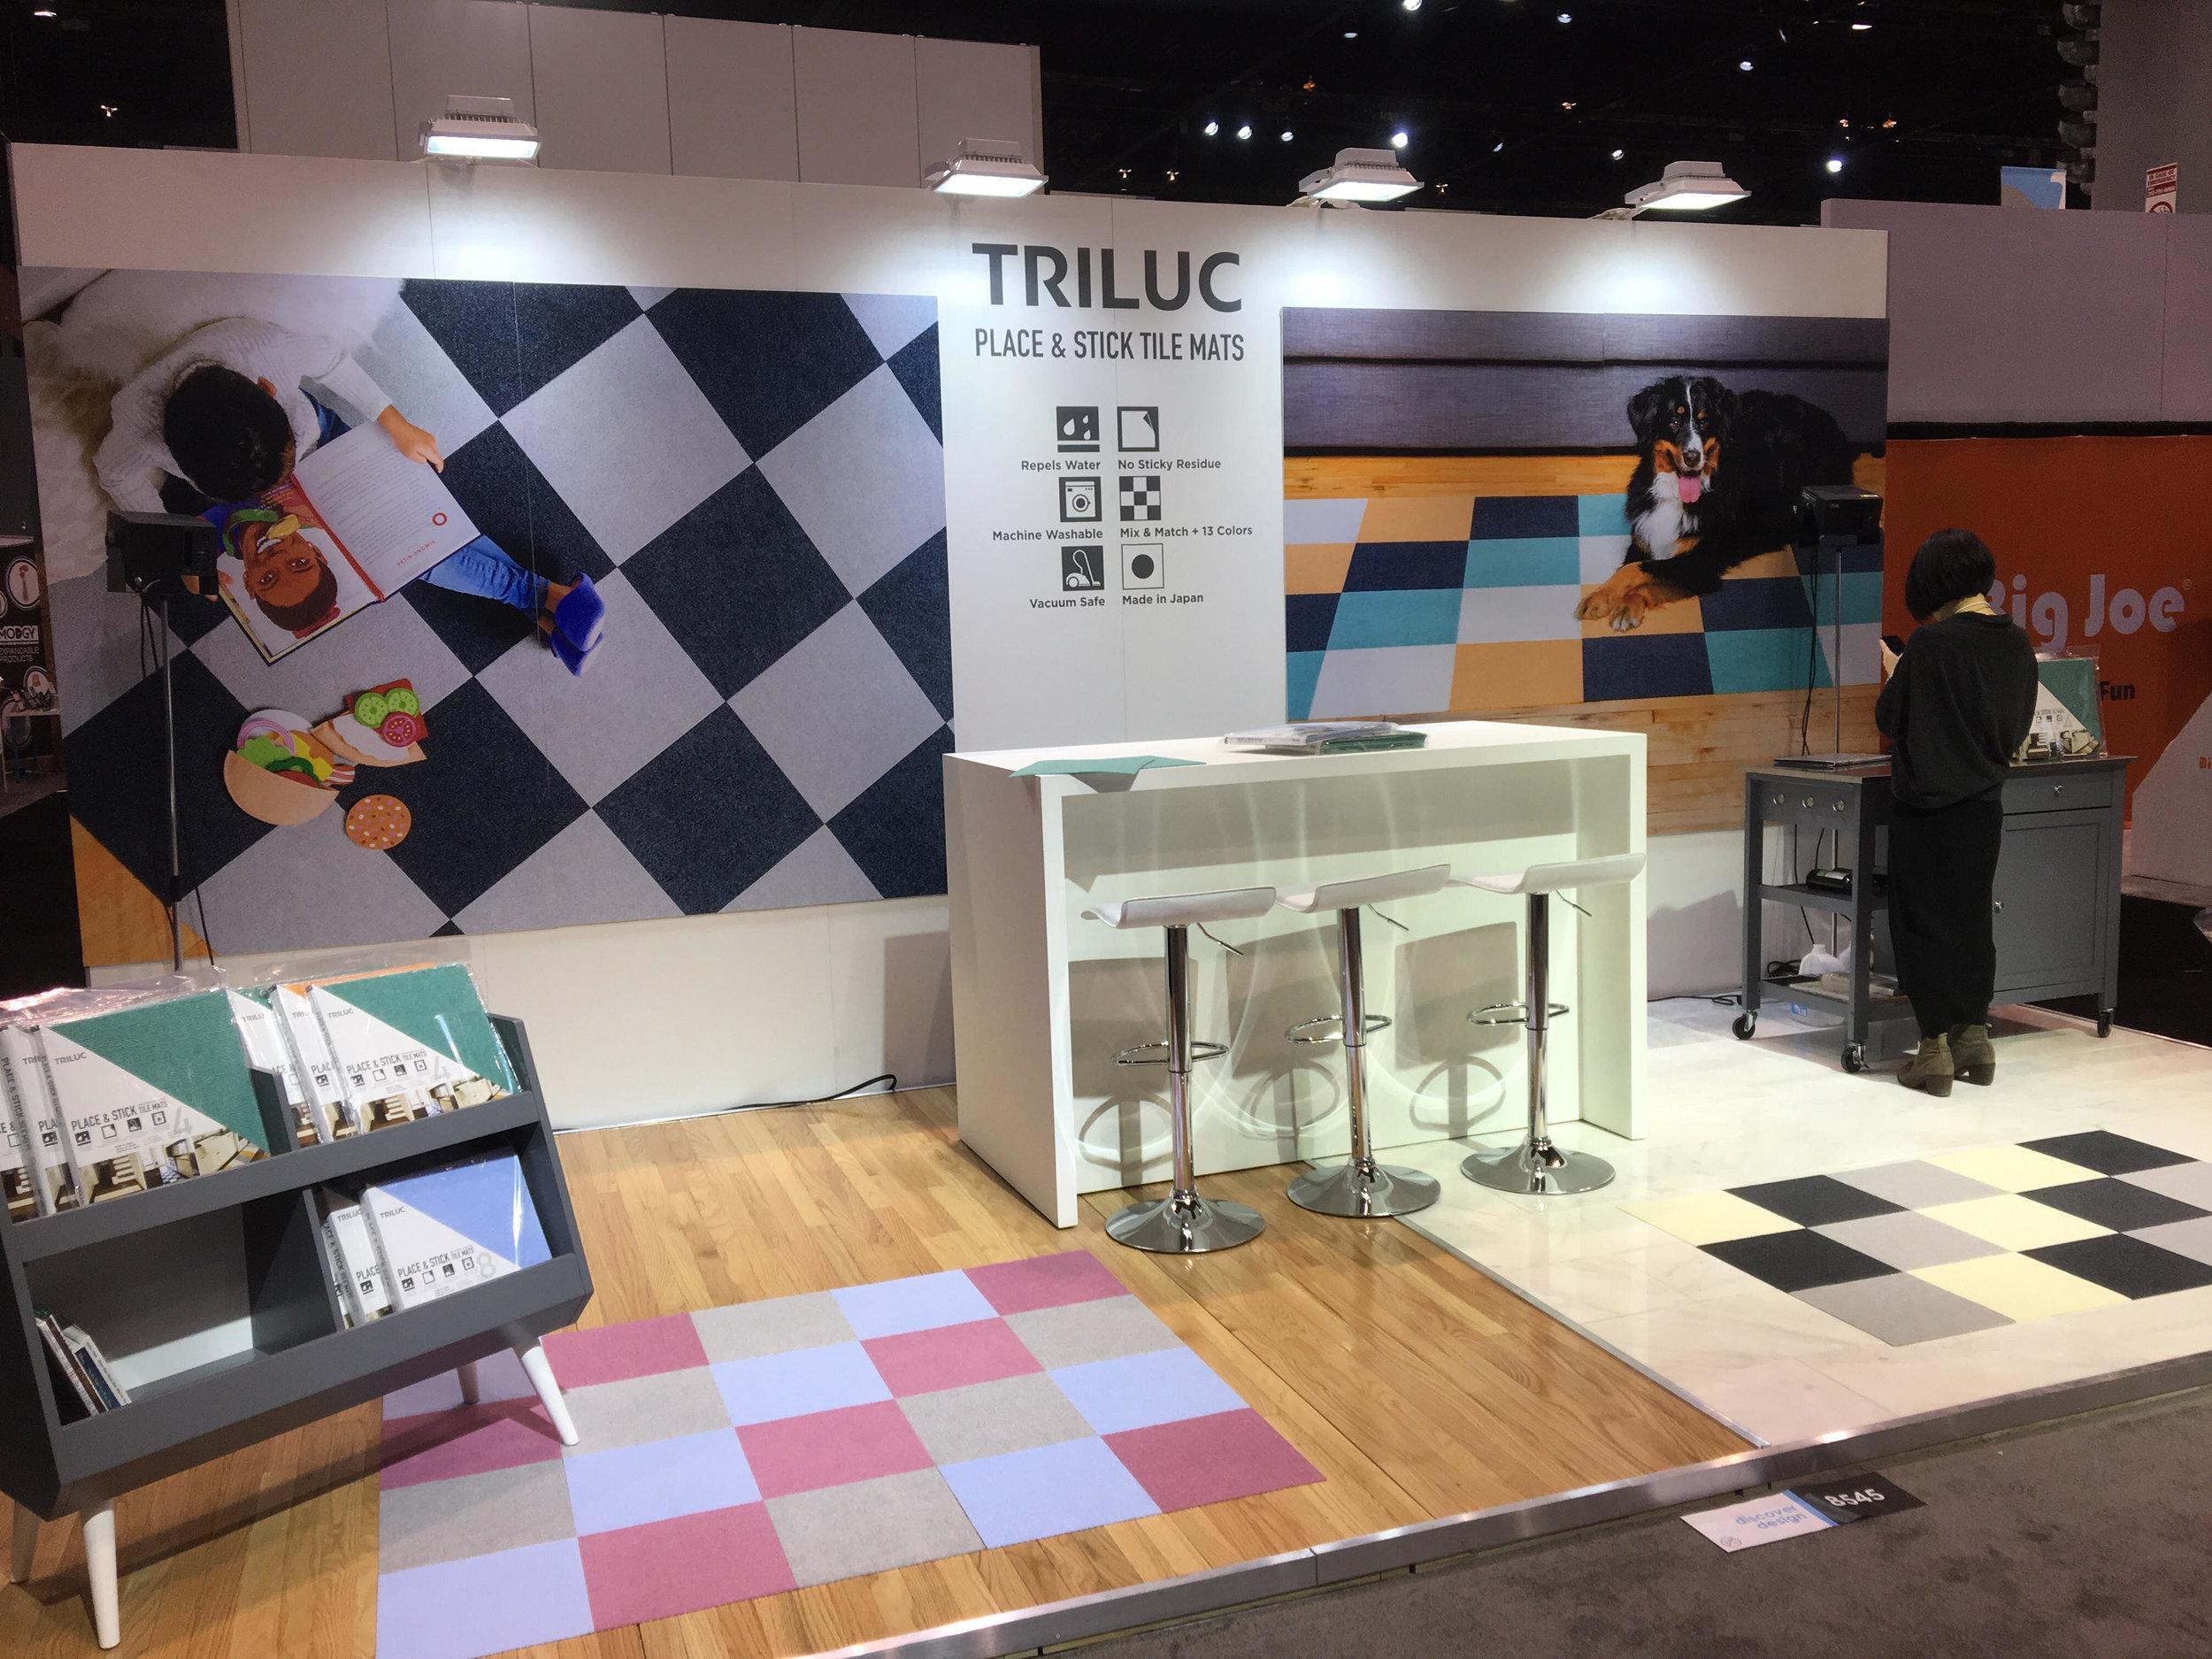 サンコー社Trilucブース。商談ブースの準備、デモストレーター用のマイク機材の設置と確認の最中です。